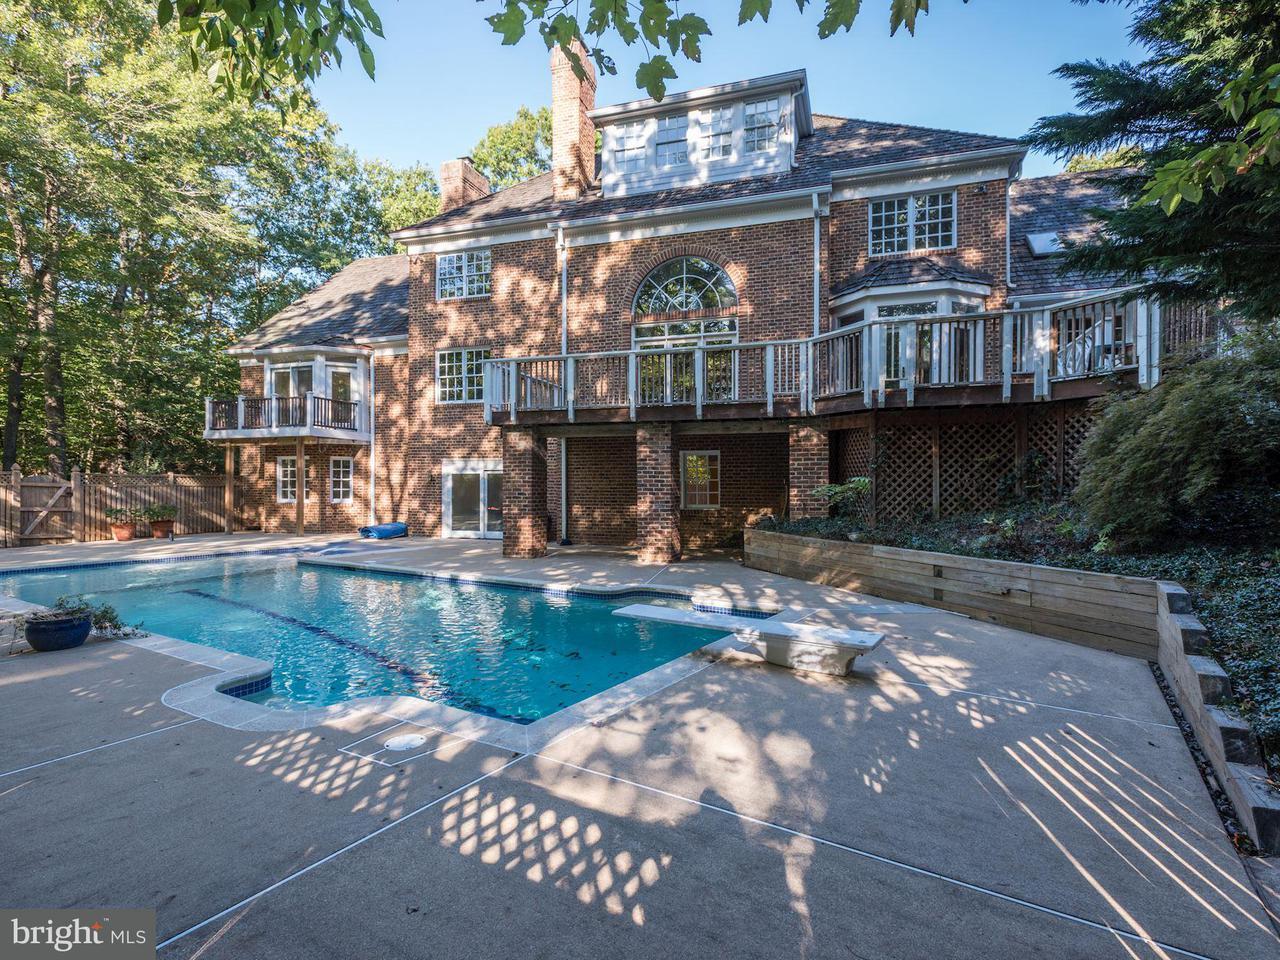 独户住宅 为 销售 在 7601 DUNQUIN Court 7601 DUNQUIN Court Clifton, 弗吉尼亚州 20124 美国